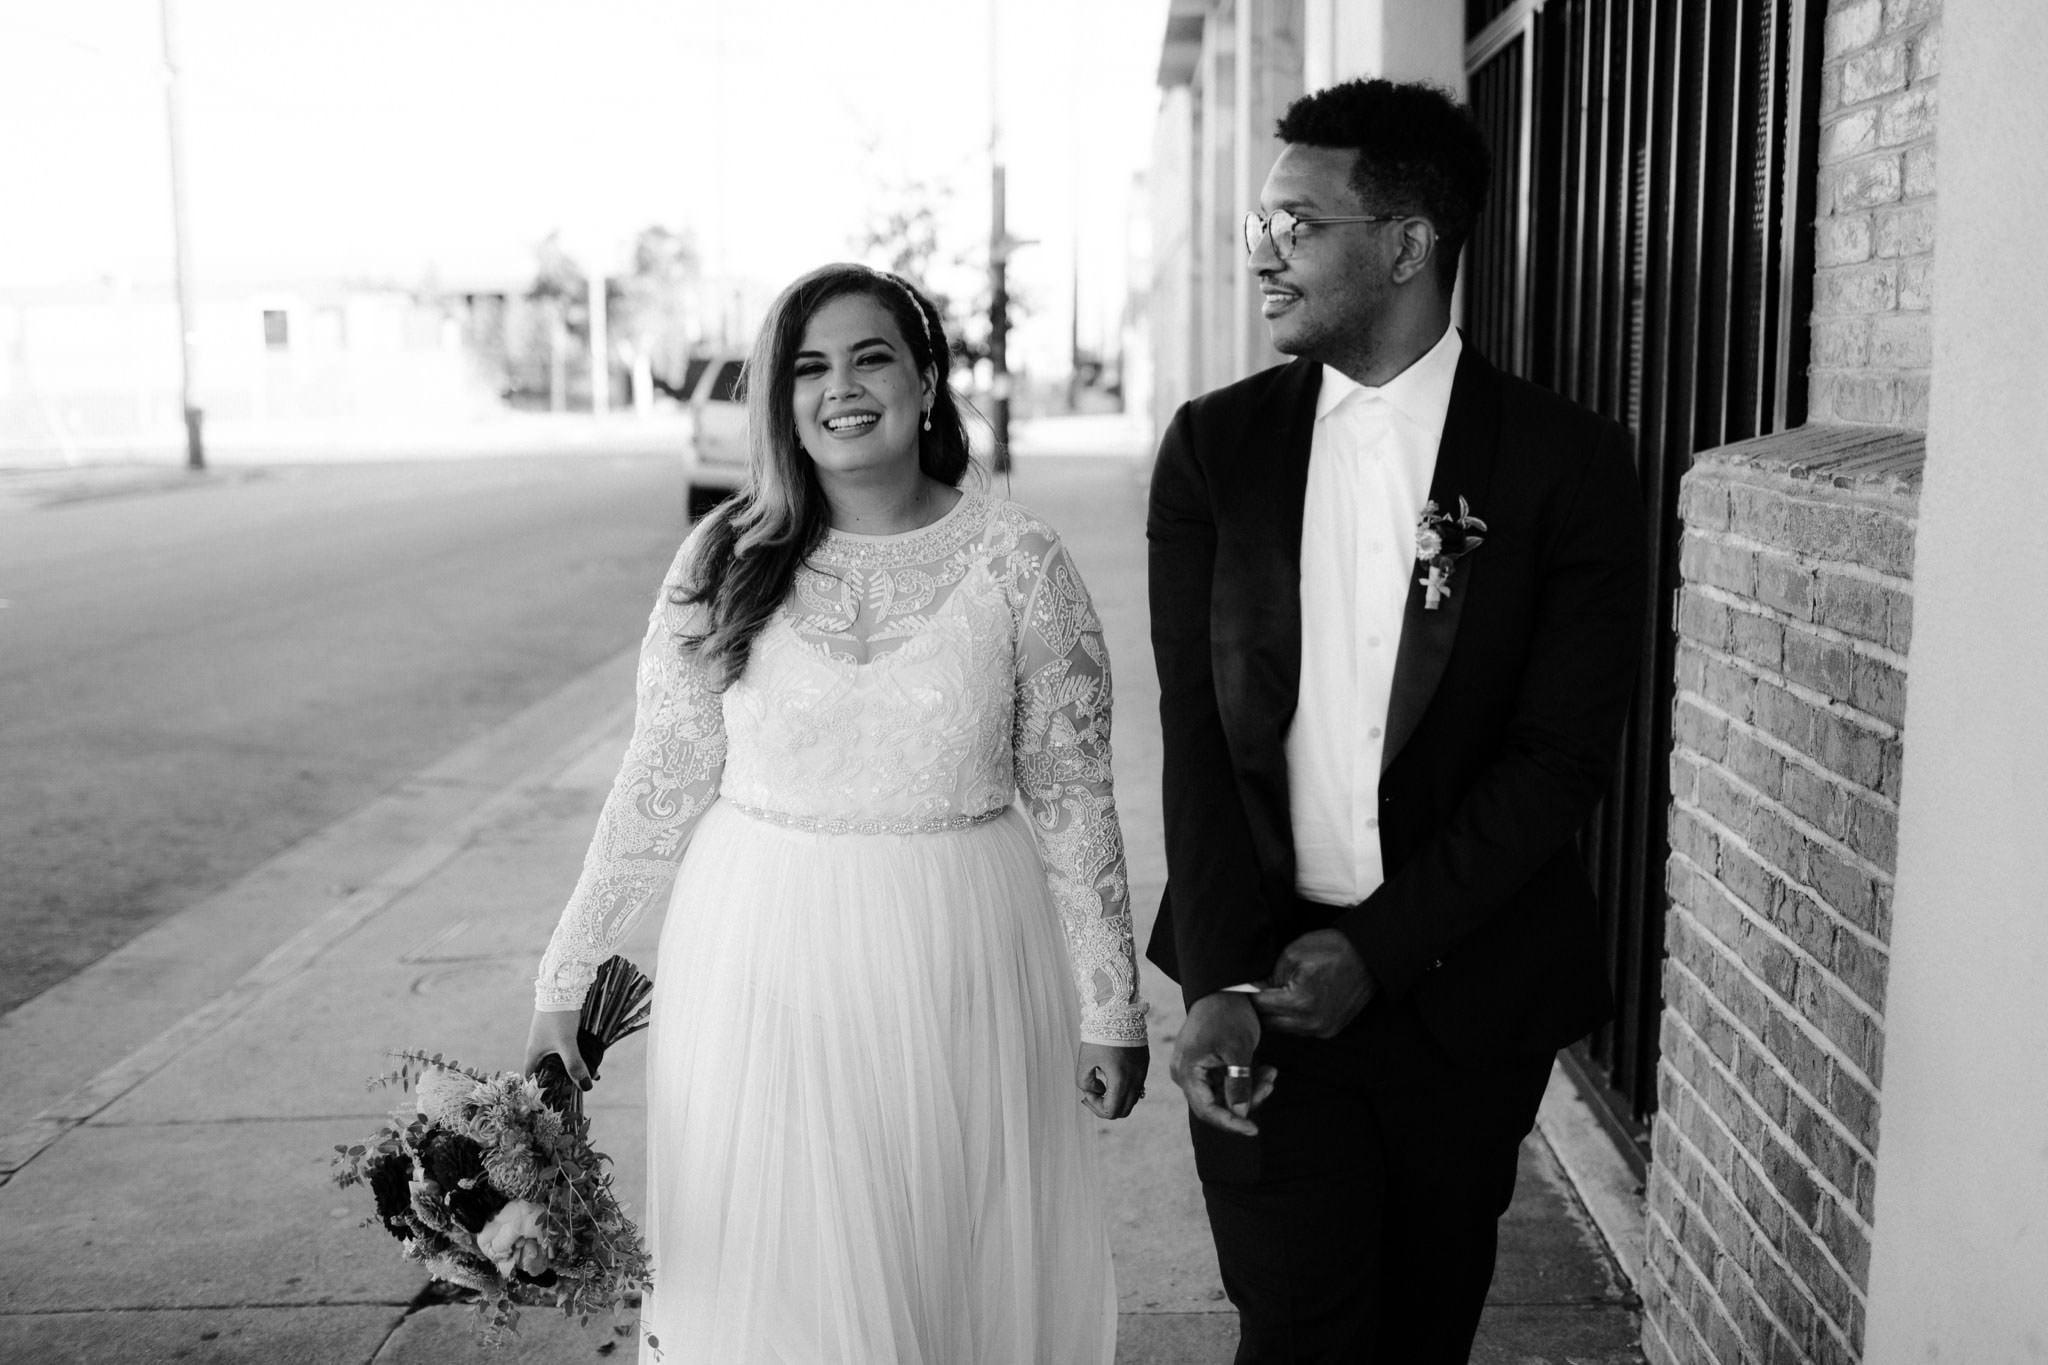 la elopement photos 089